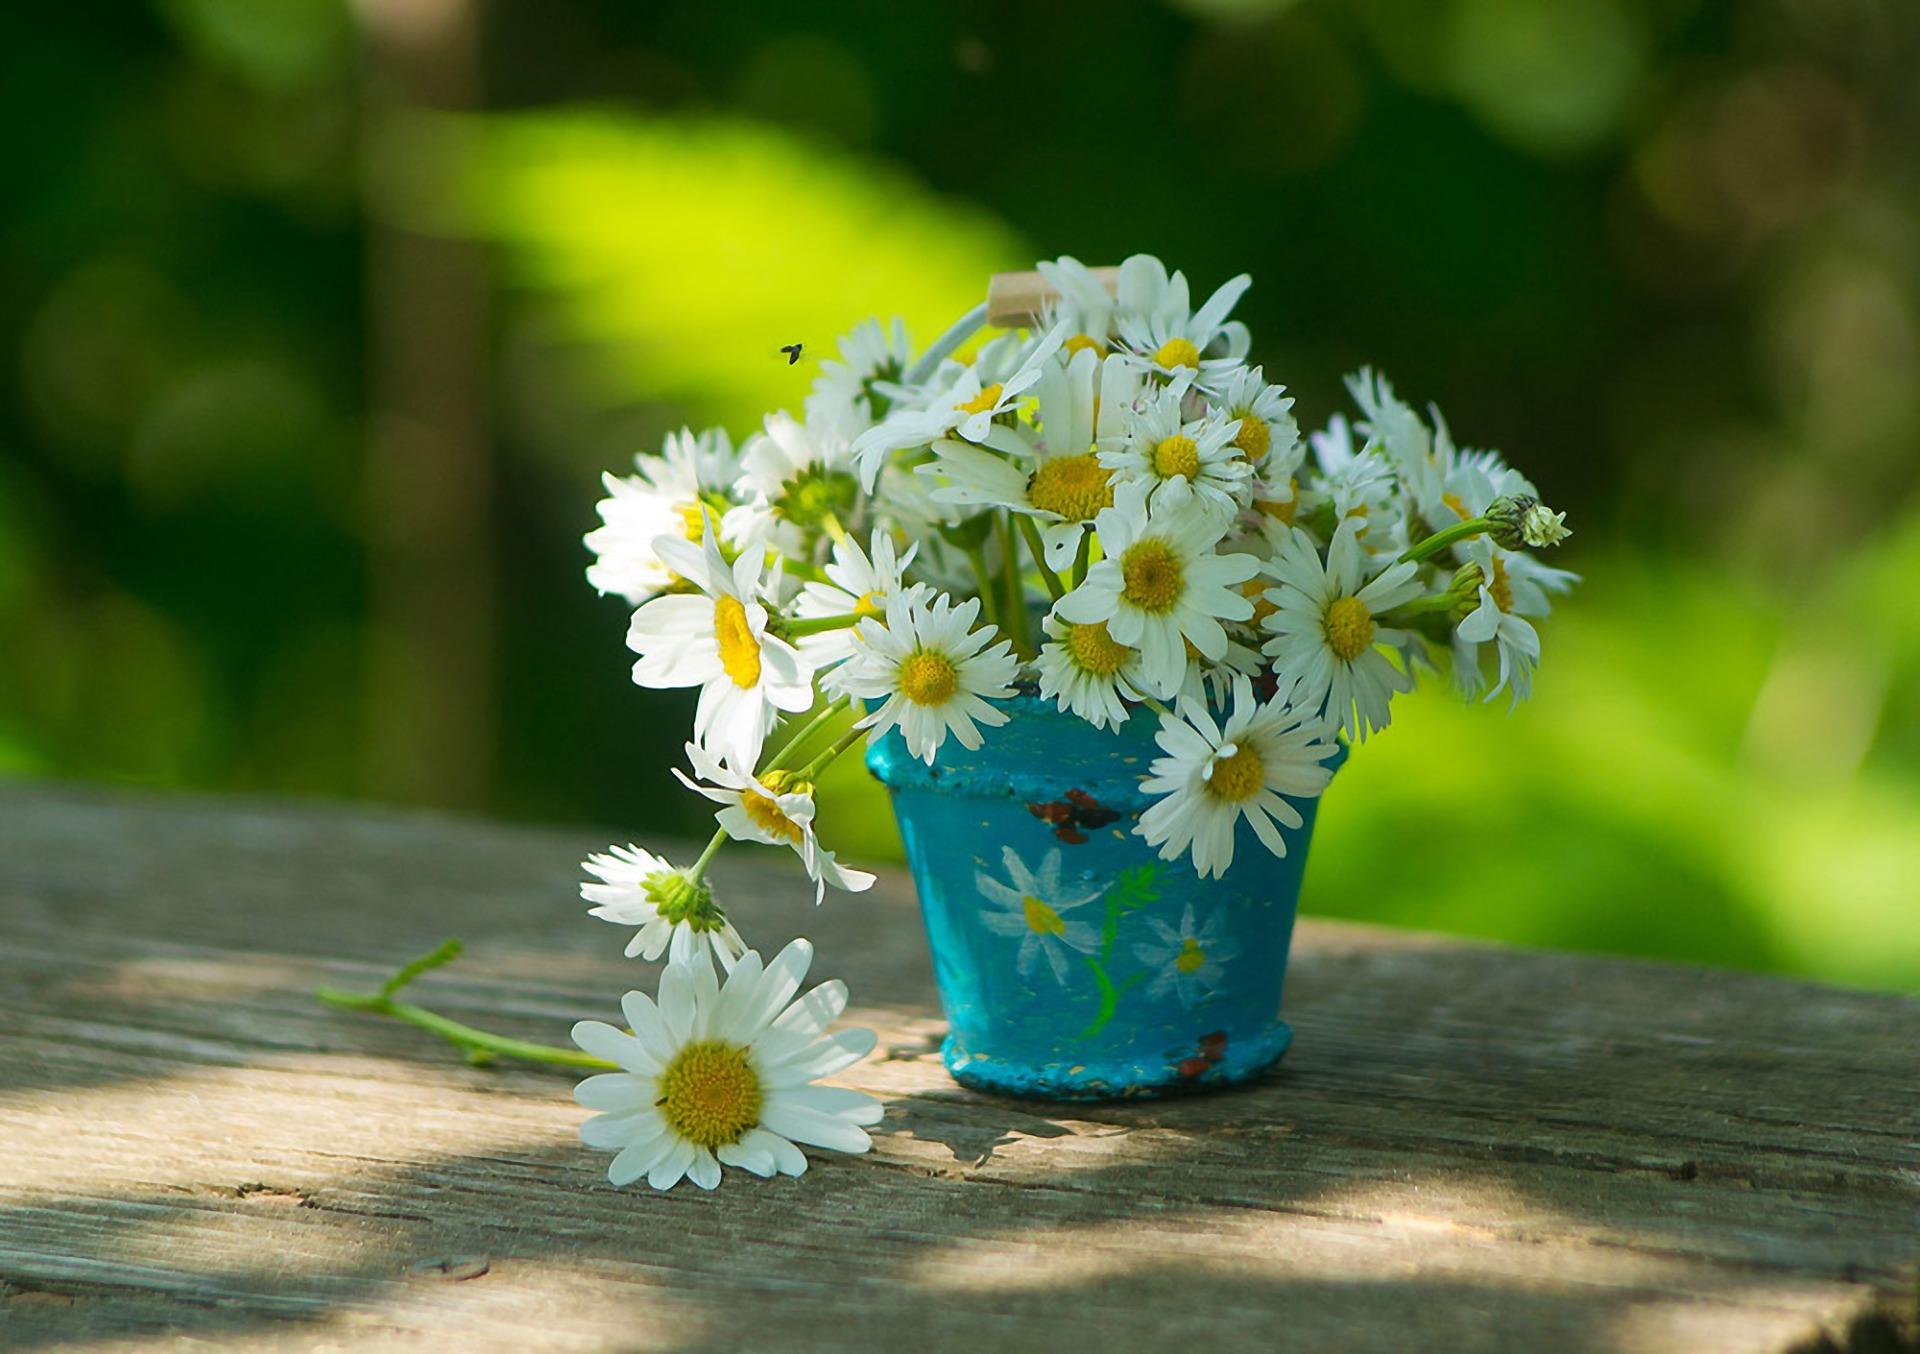 карьере красивые фотографии с цветами ромашки поздравляю